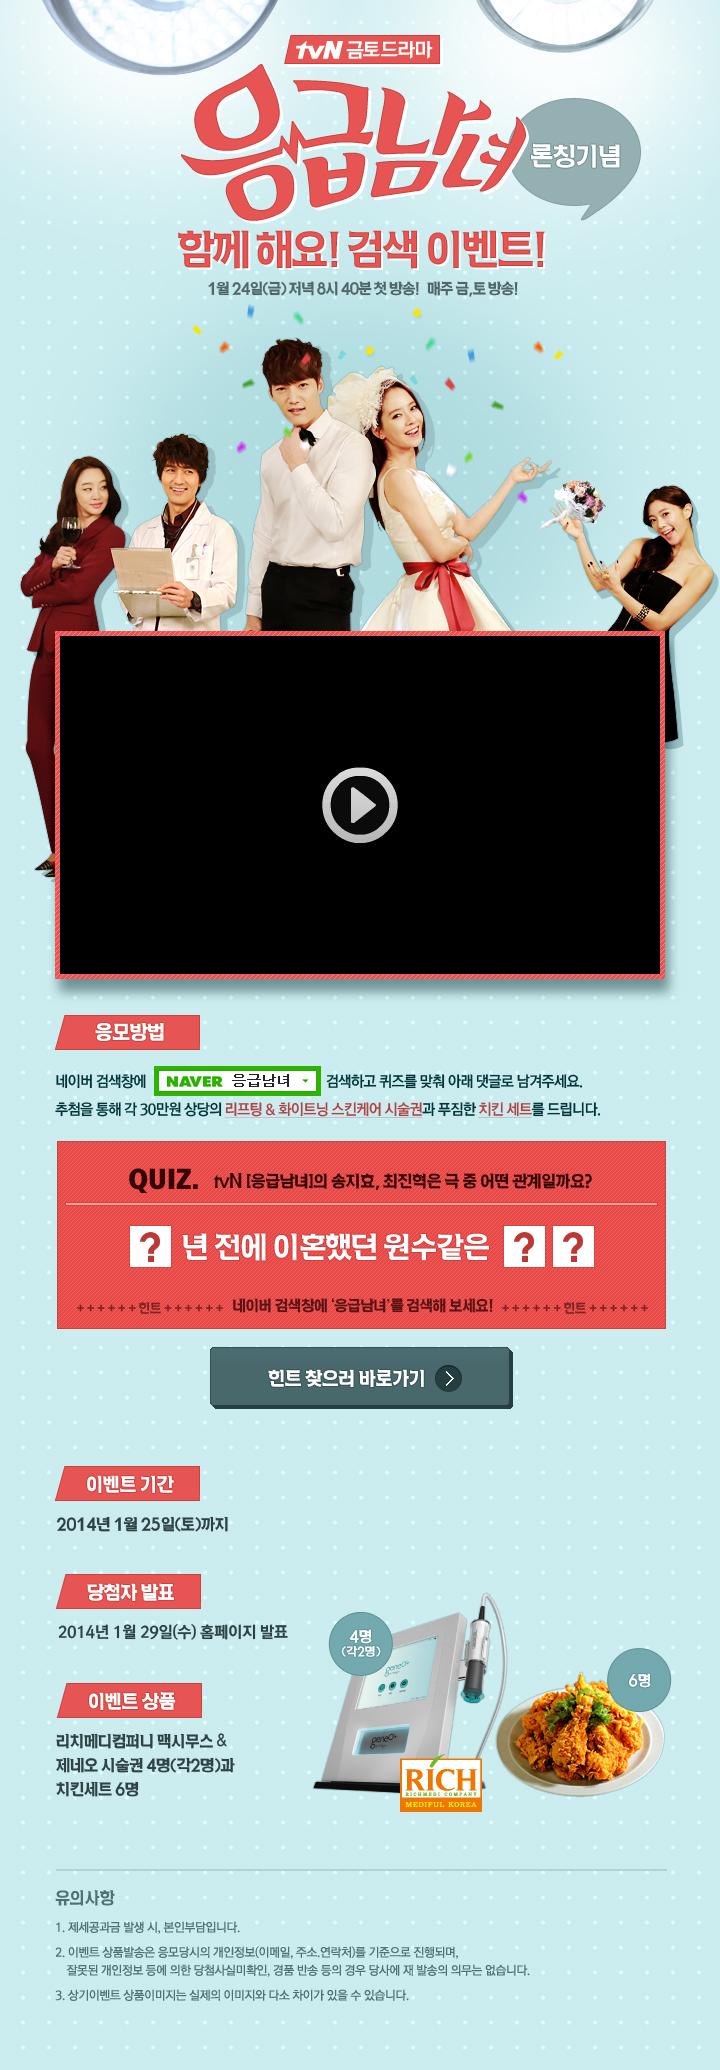 tvN 금토드라마 <응급남녀> 론칭 기념